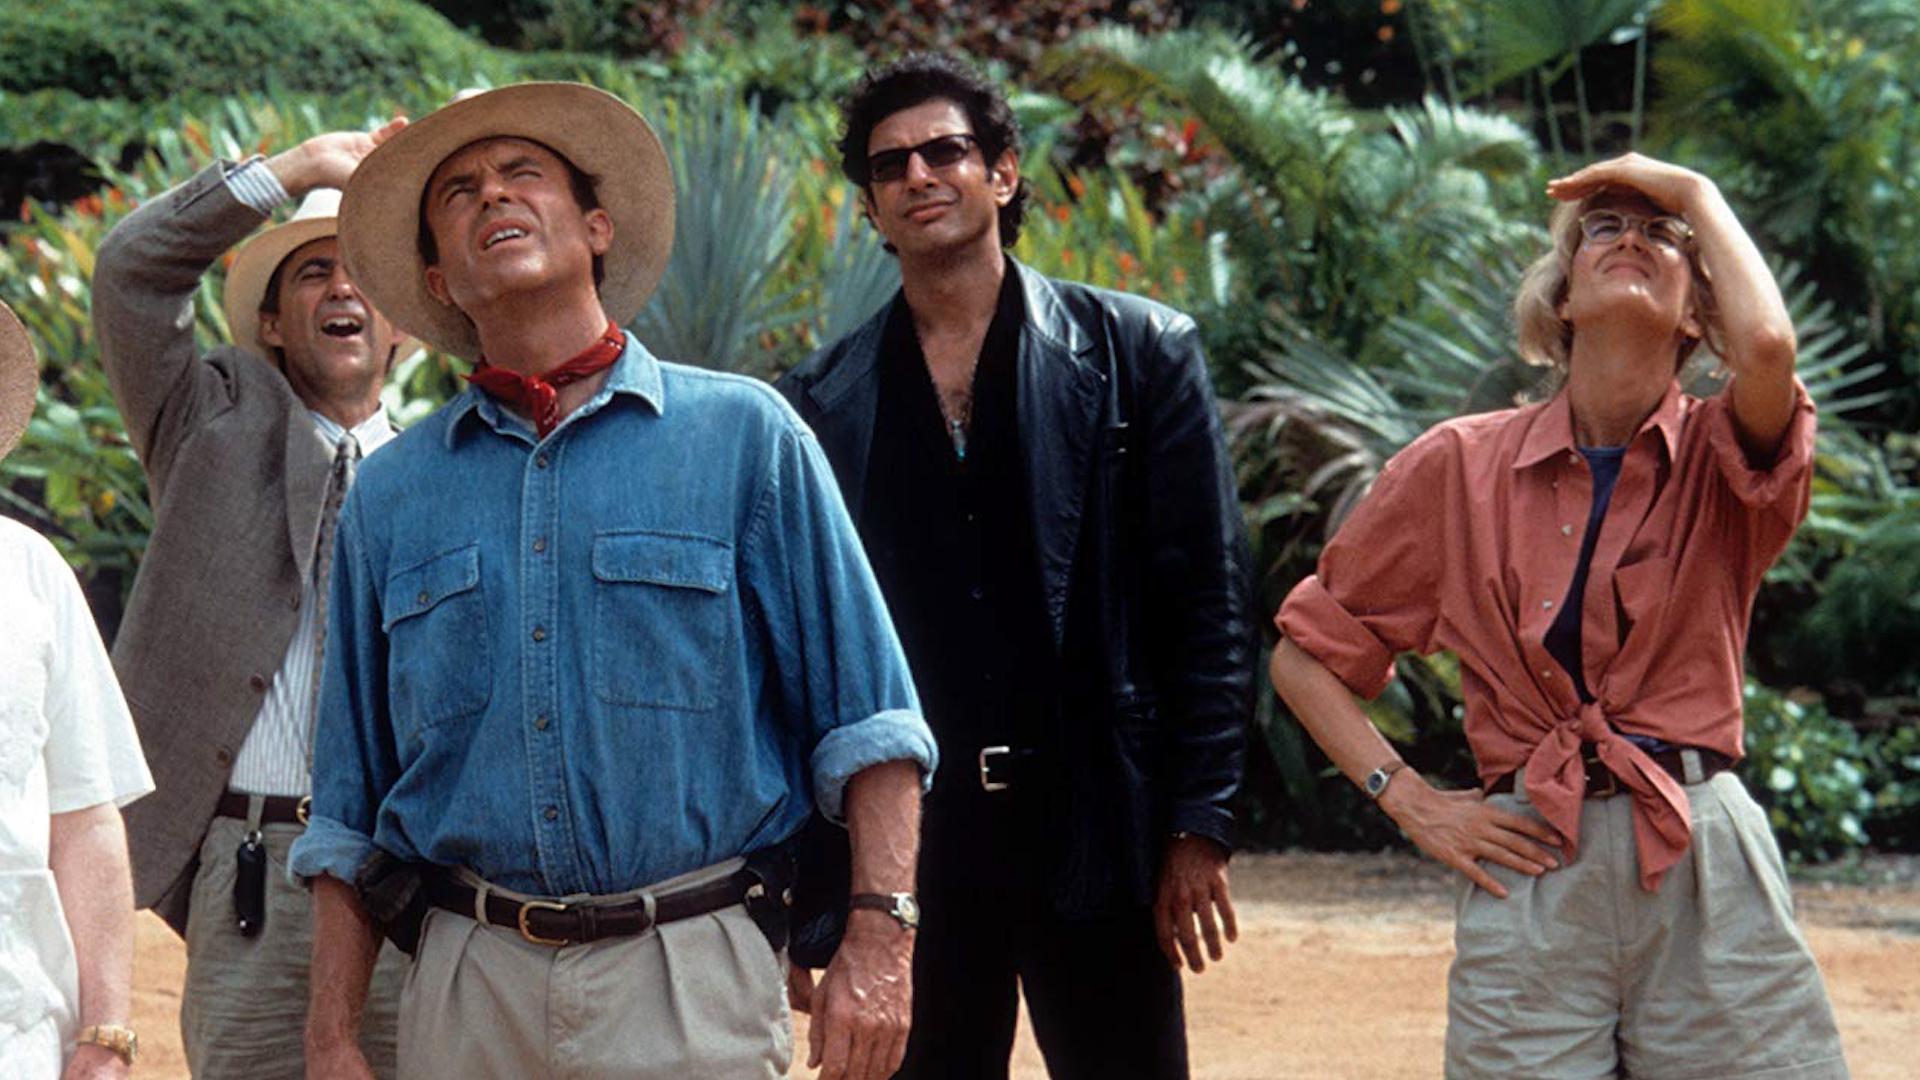 Jurassic Park | Highest Grossing Film 1993 | Popcorn Banter